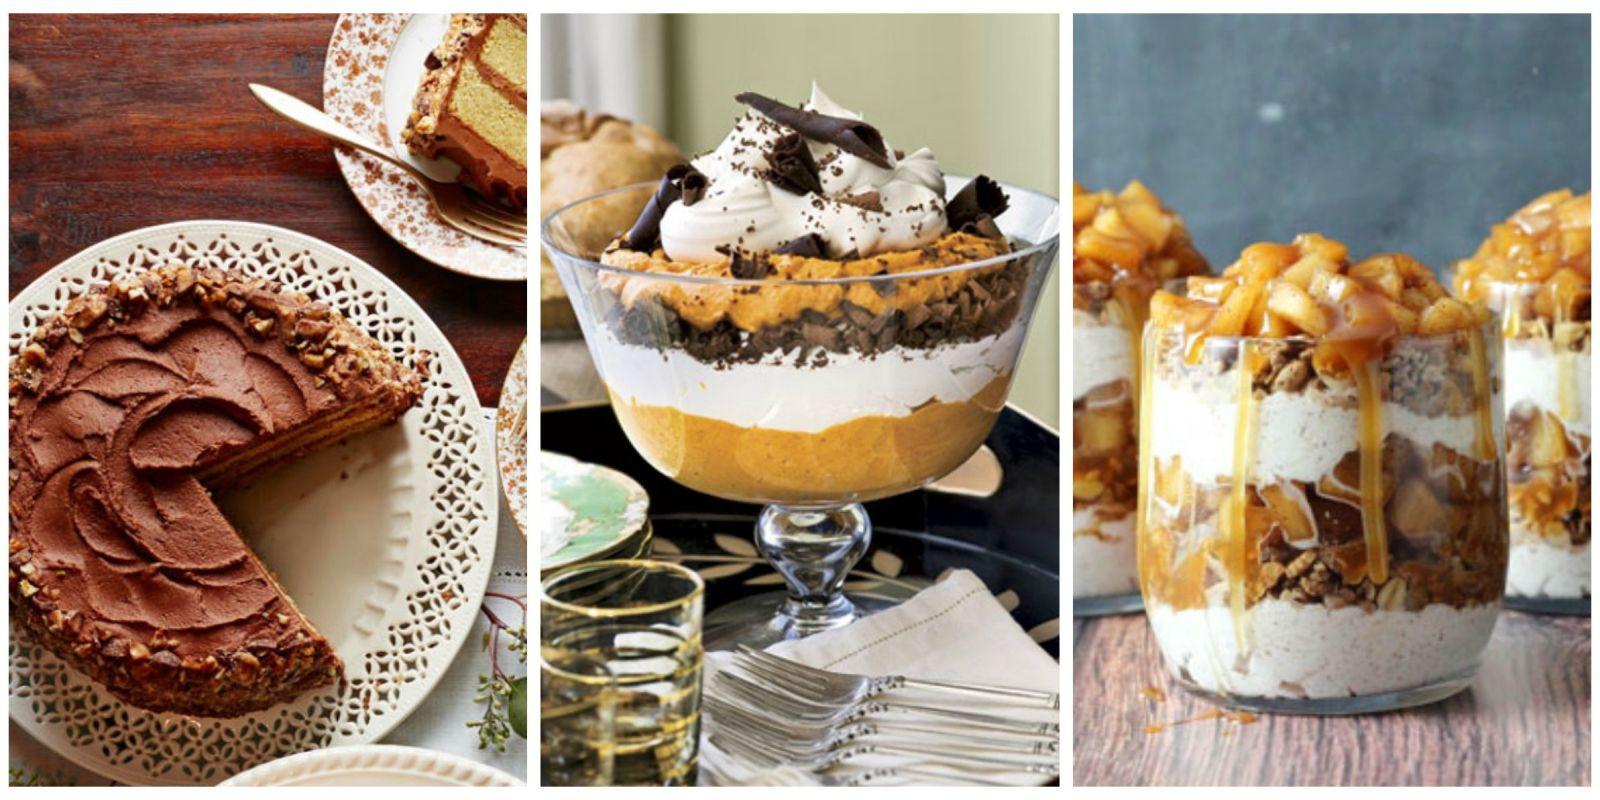 Easy Thanksgiving Desserts Pinterest  40 Easy Thanksgiving Desserts Recipes Best Ideas for